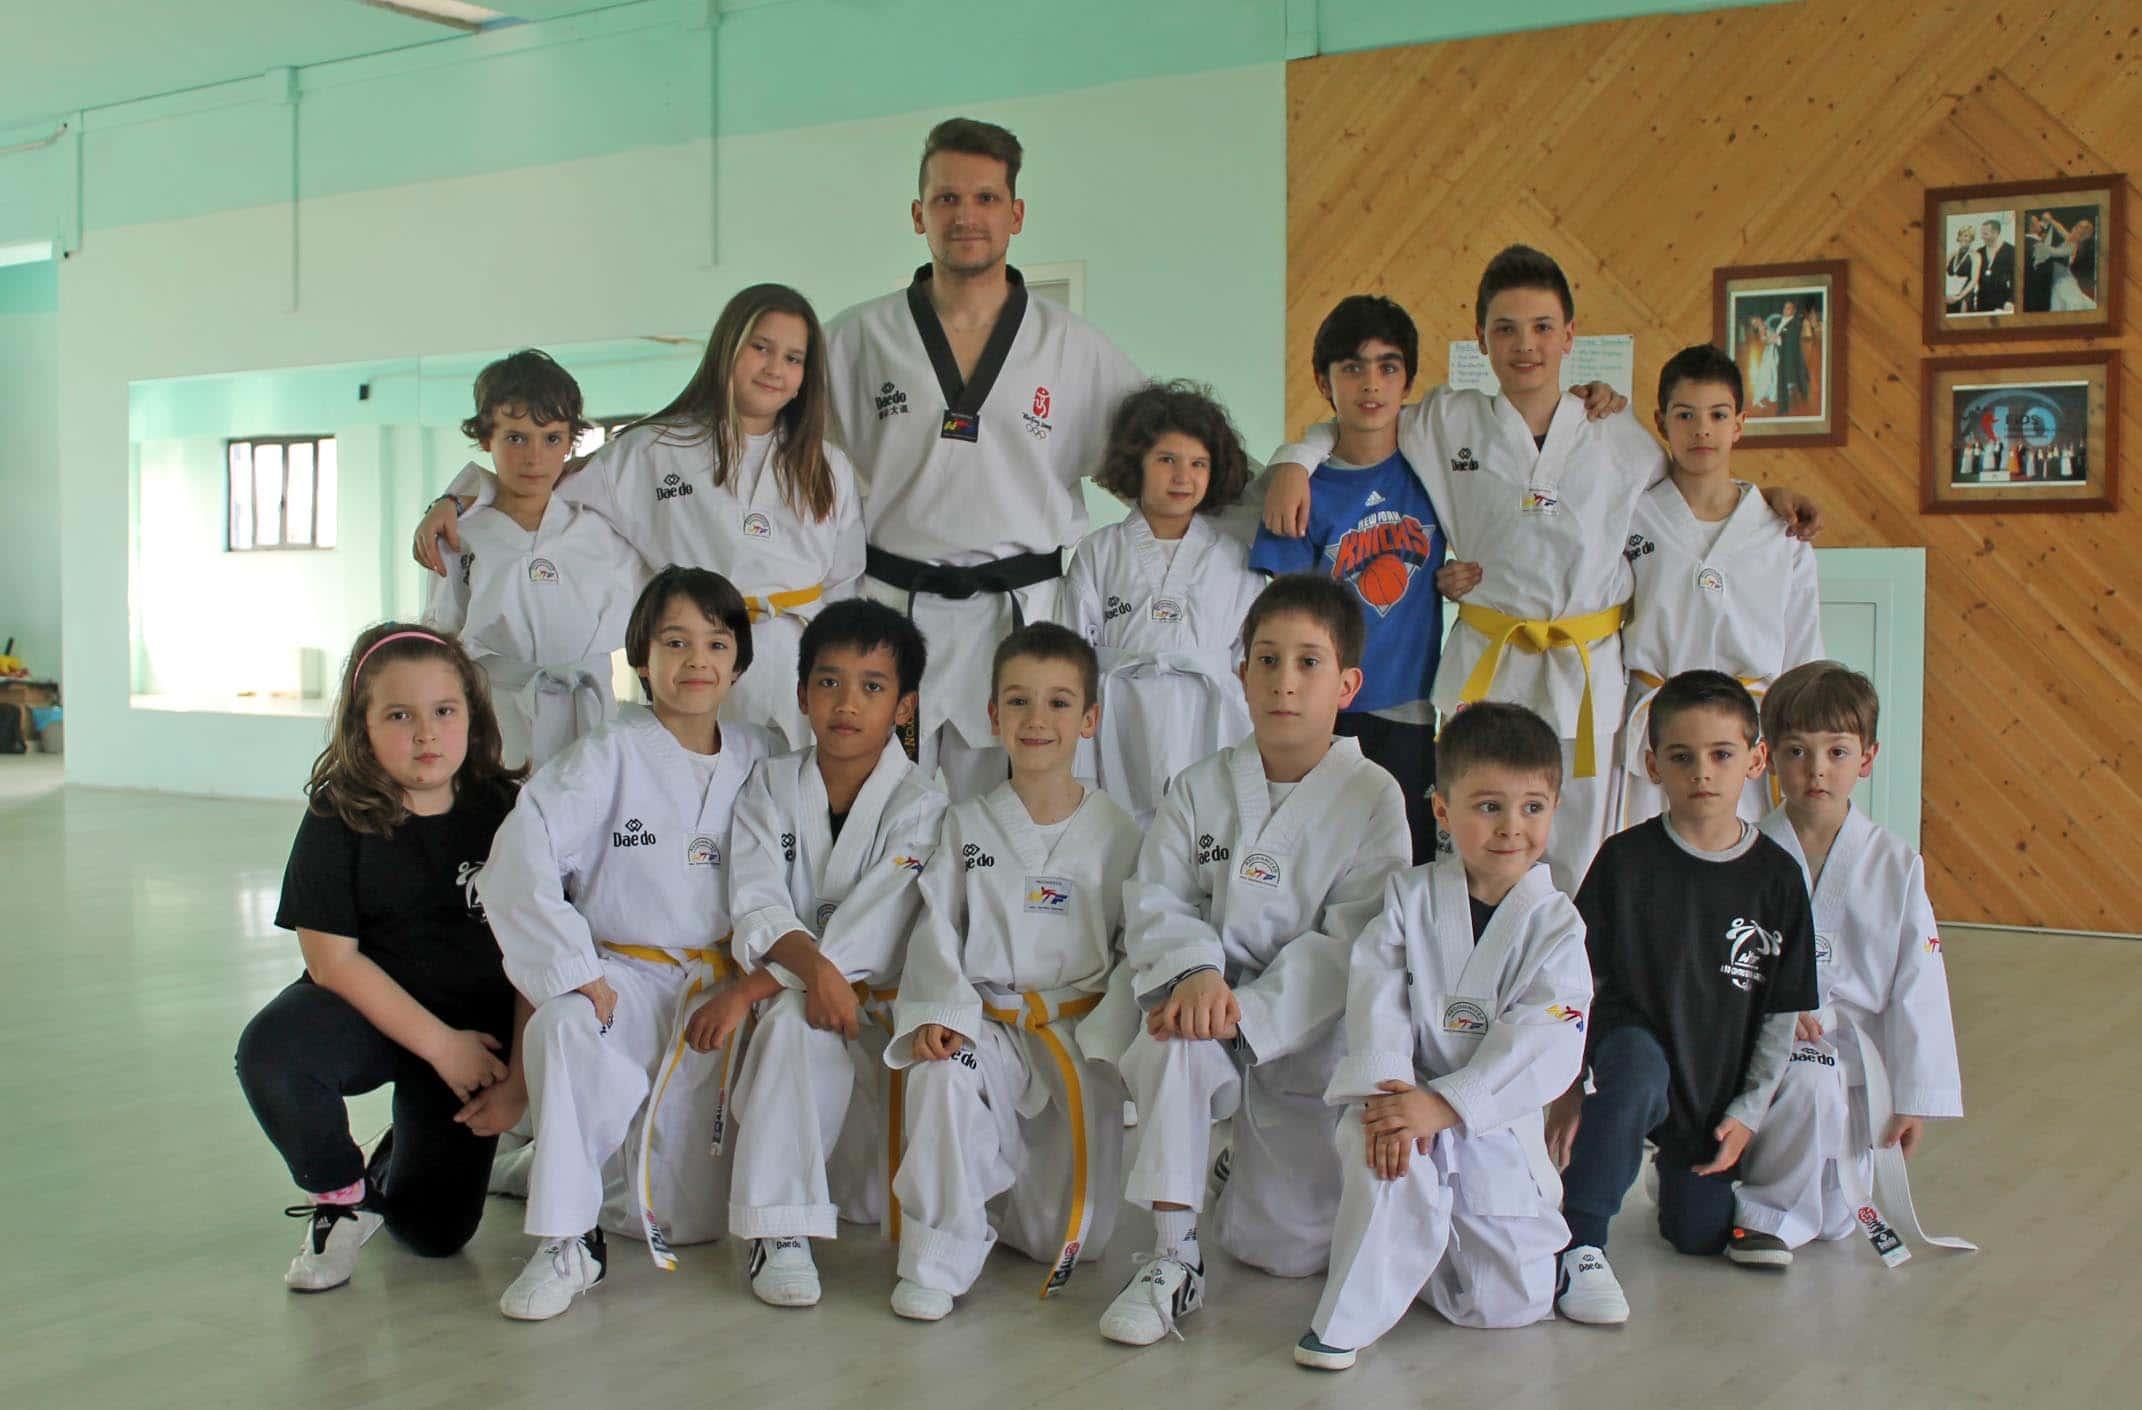 Photo of AREZZO – I bambini del Centro Taekwondo Arezzo hanno brillantemente superato gli esami per il passaggio di grado